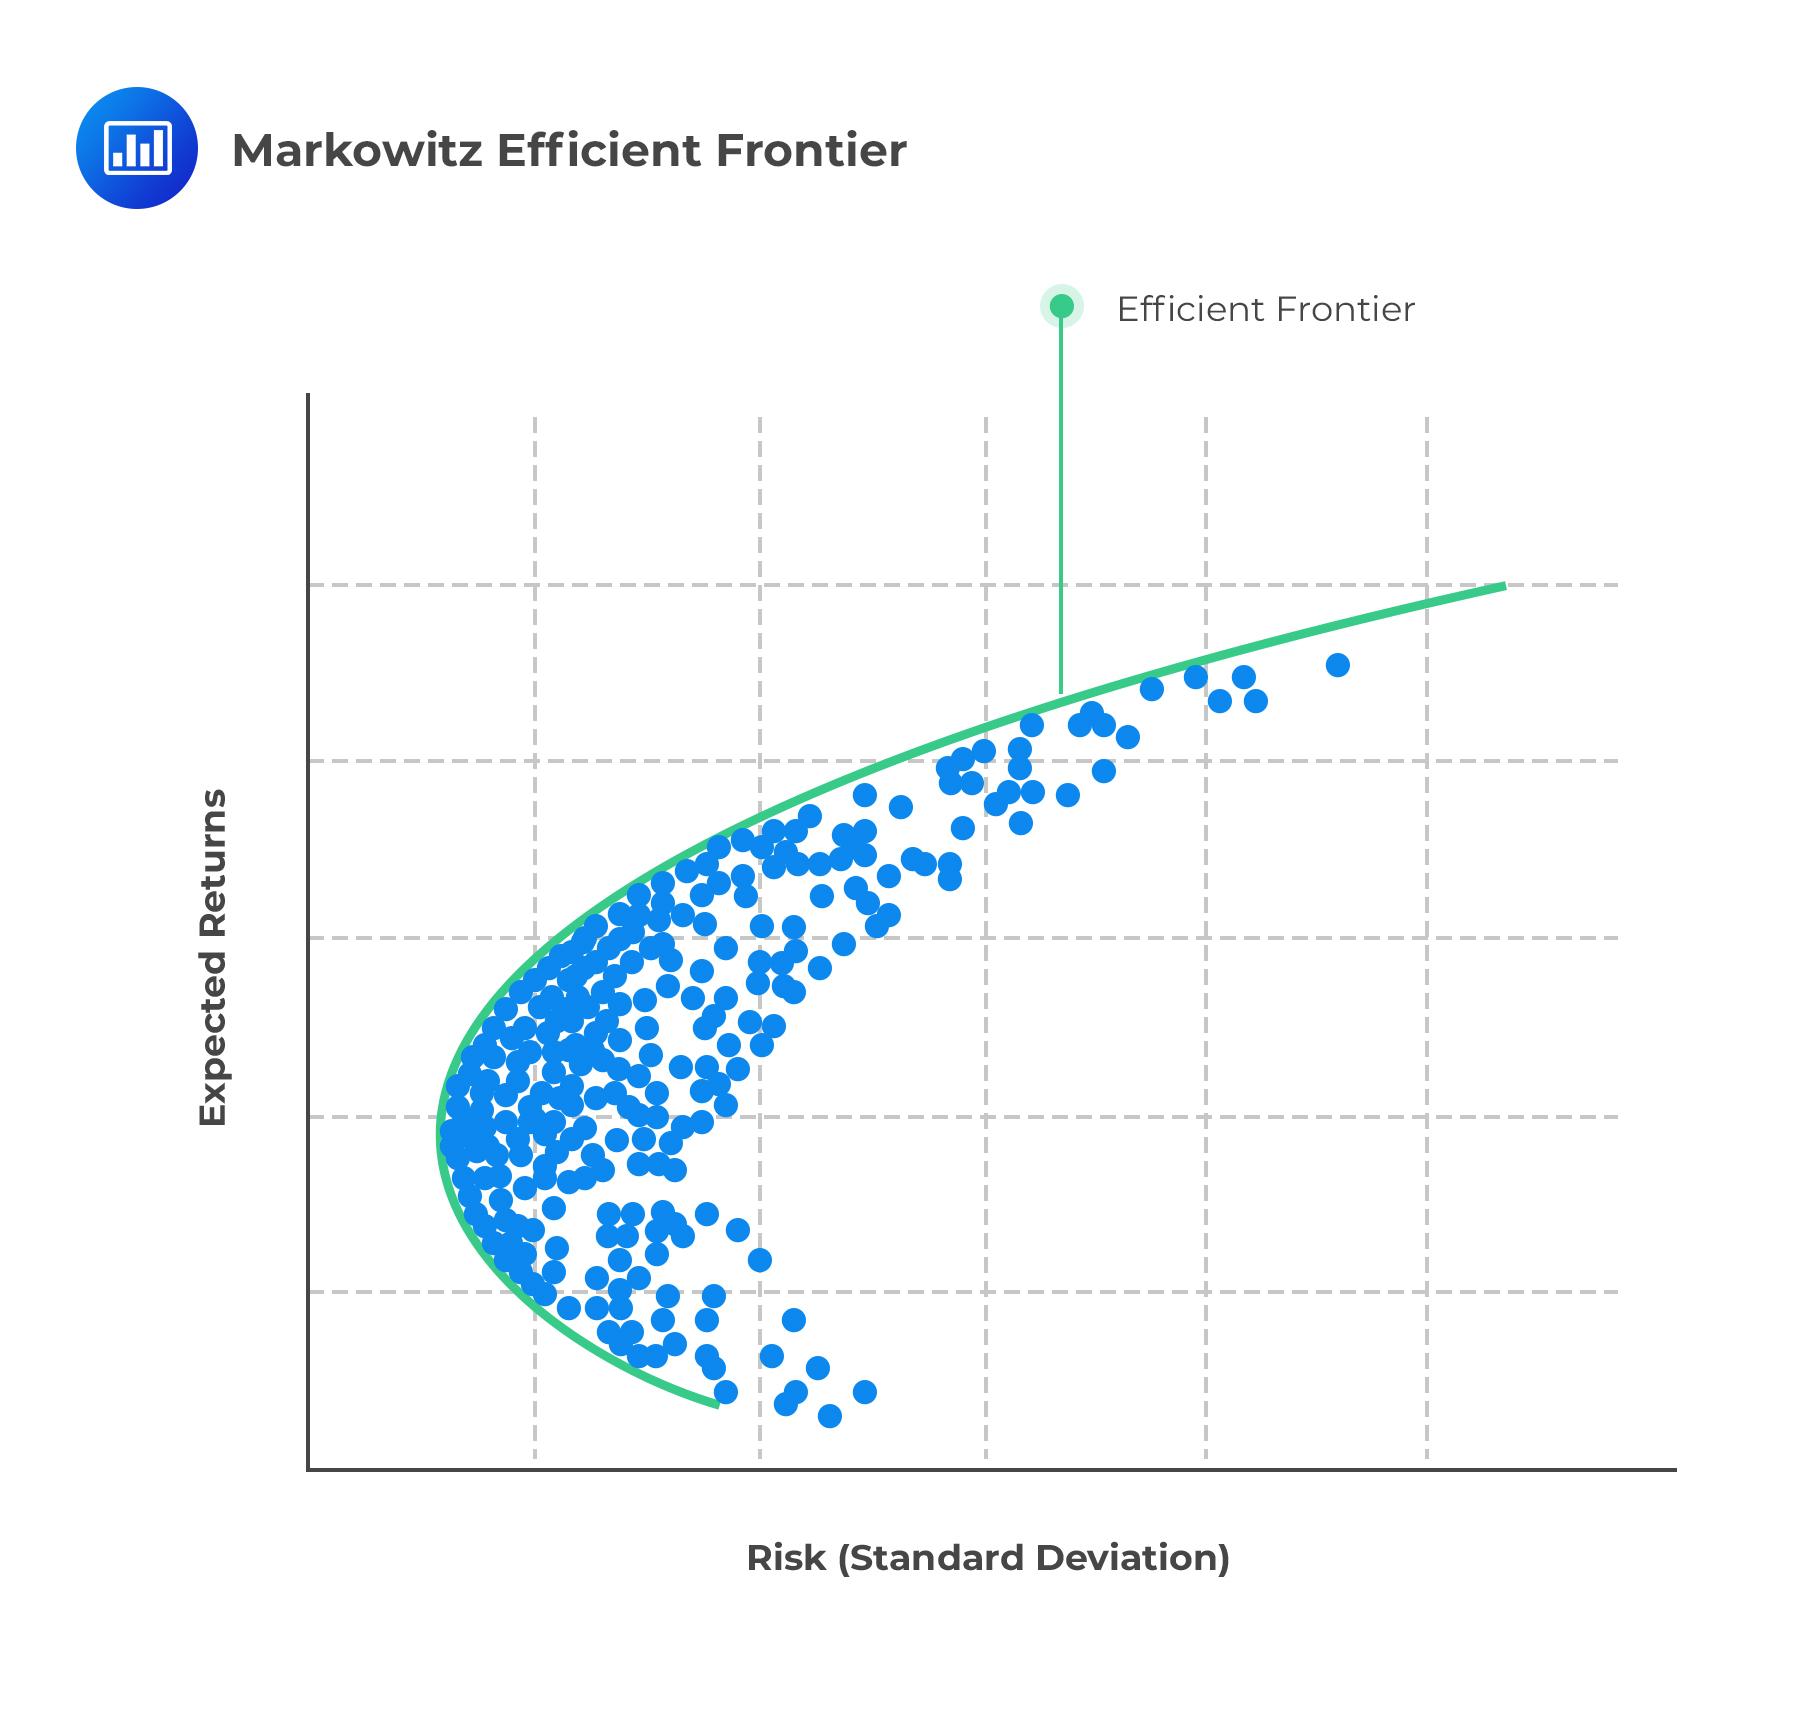 Markowitz Efficient Frontier